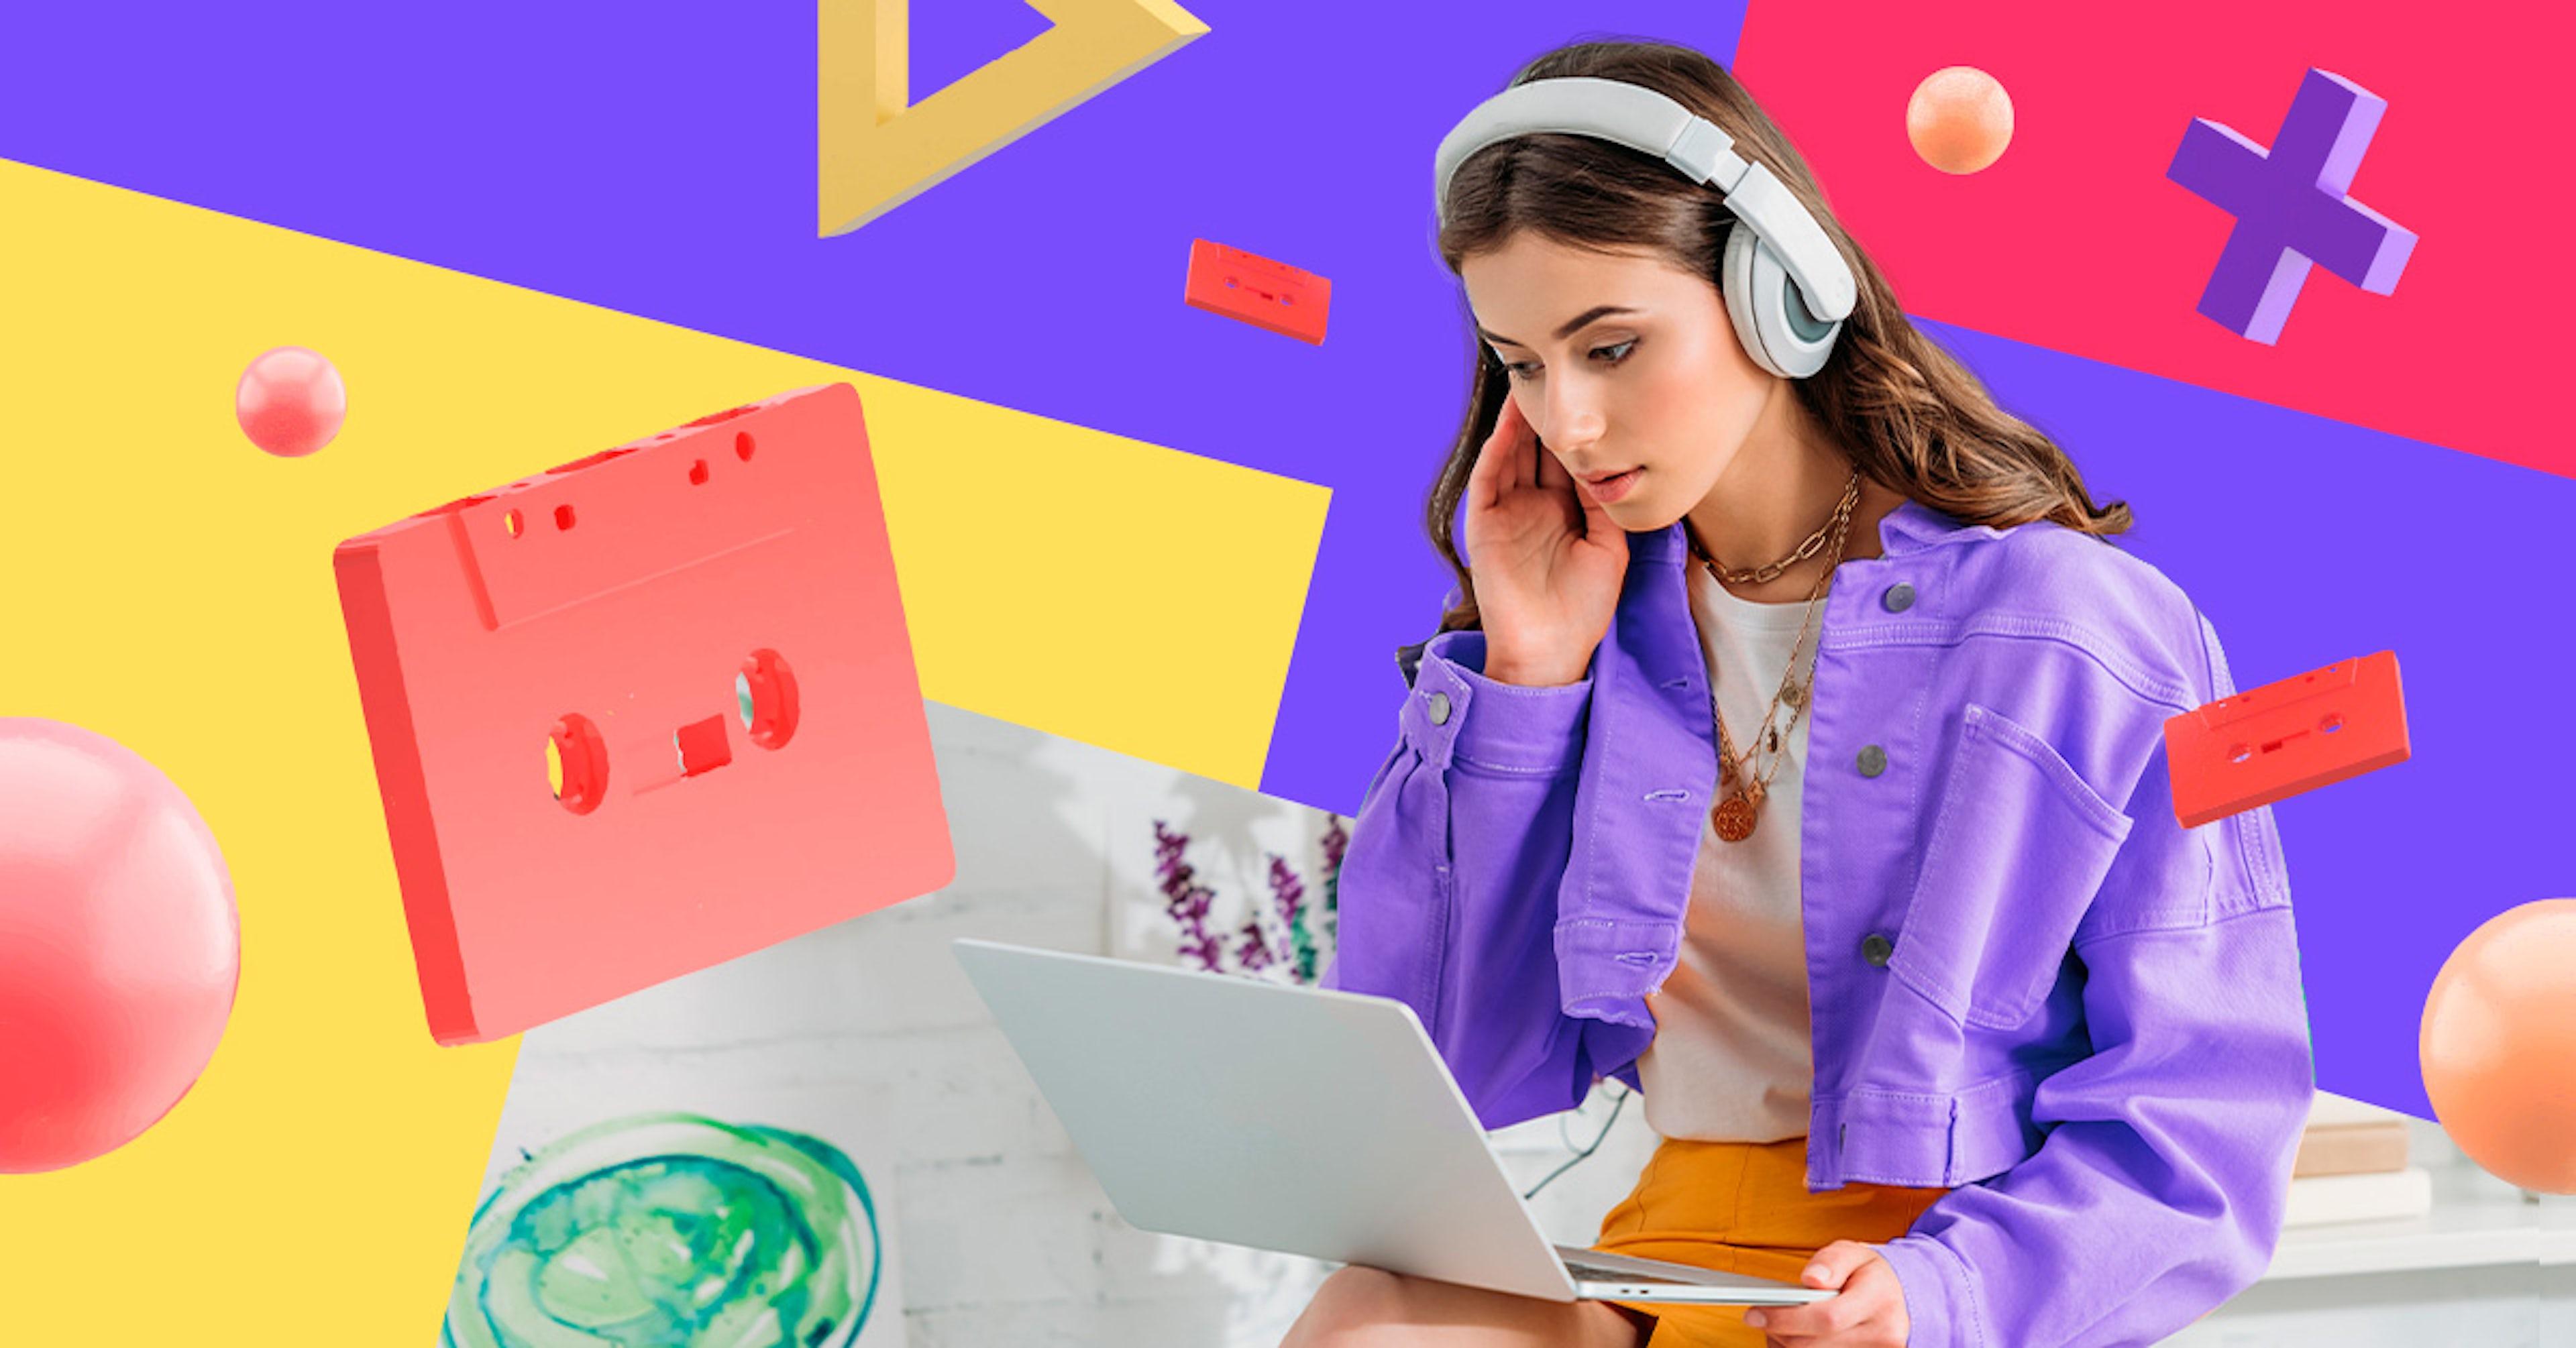 ¿Trabajar con música es productivo? Puedes probarlo escuchando estos 5 discos